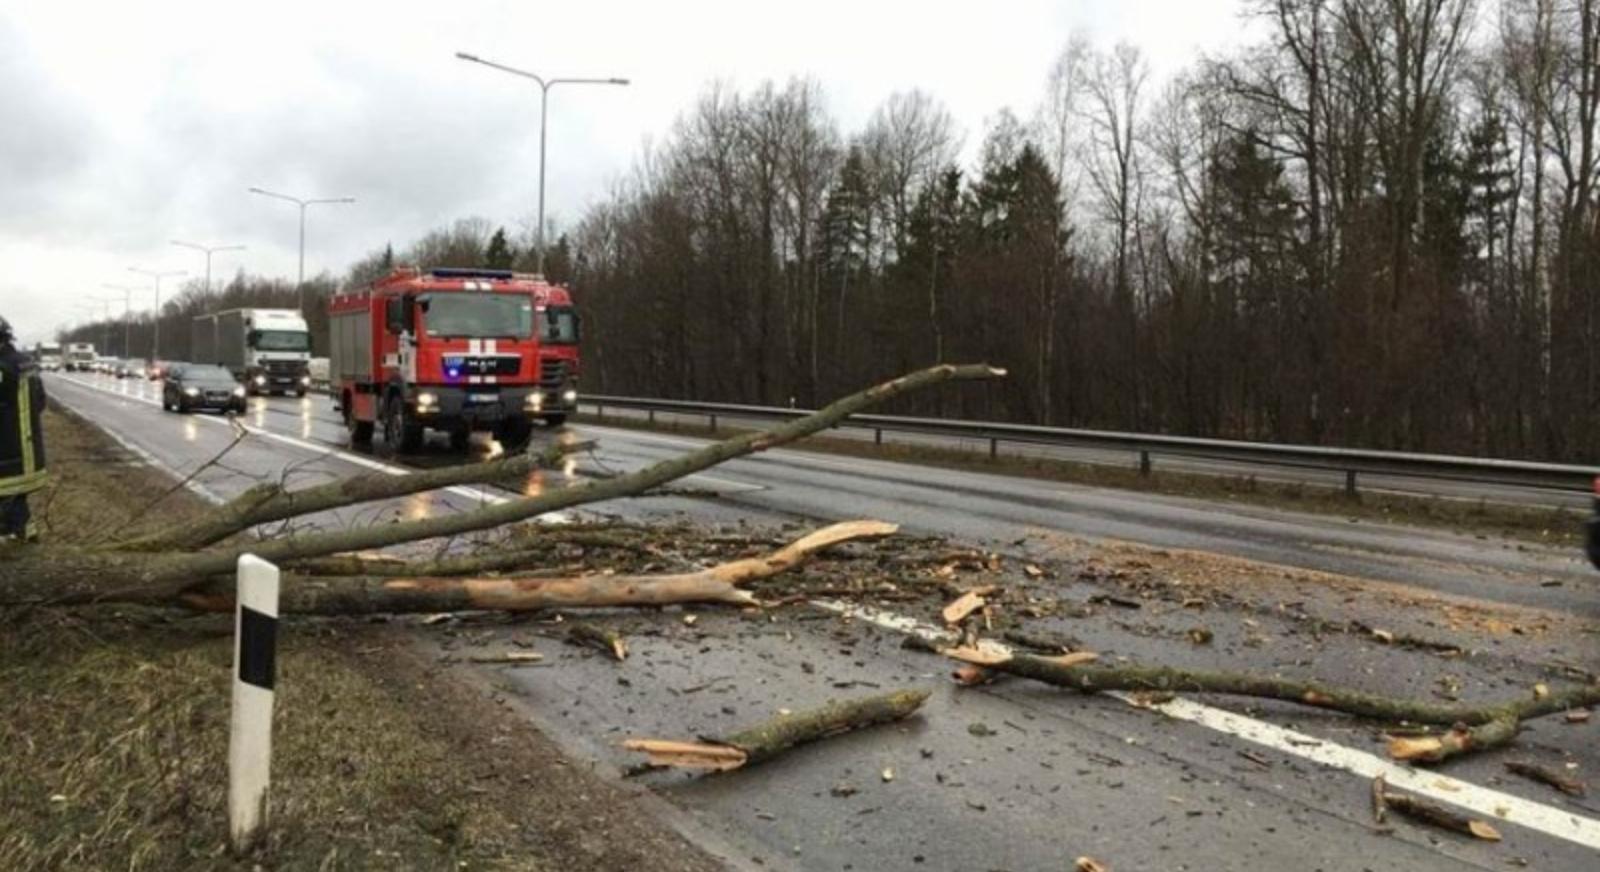 Smarkus vėjas Lietuvoje vartė medžius: ugniagesiai gelbėtojai jų šalinti vyko per 40 kartų